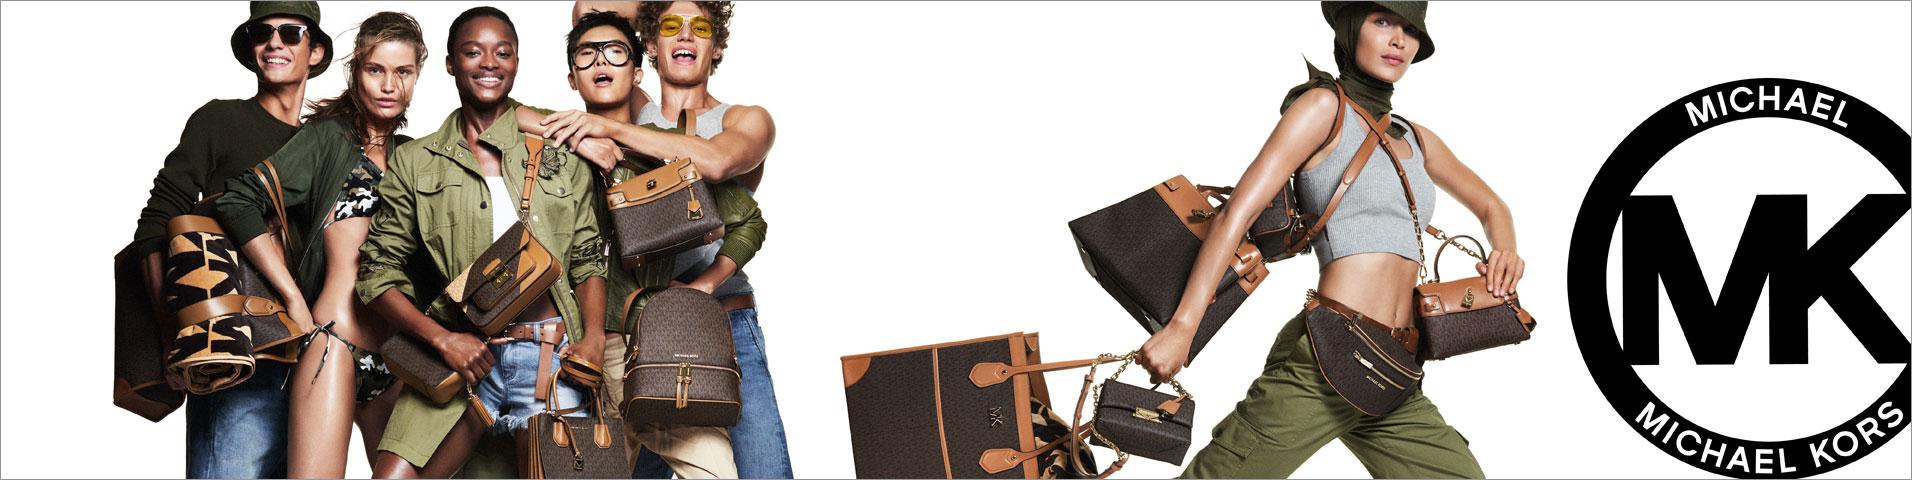 79971b42ca1e9 Michael Kors   Comprar la nueva colección online en ZALANDO